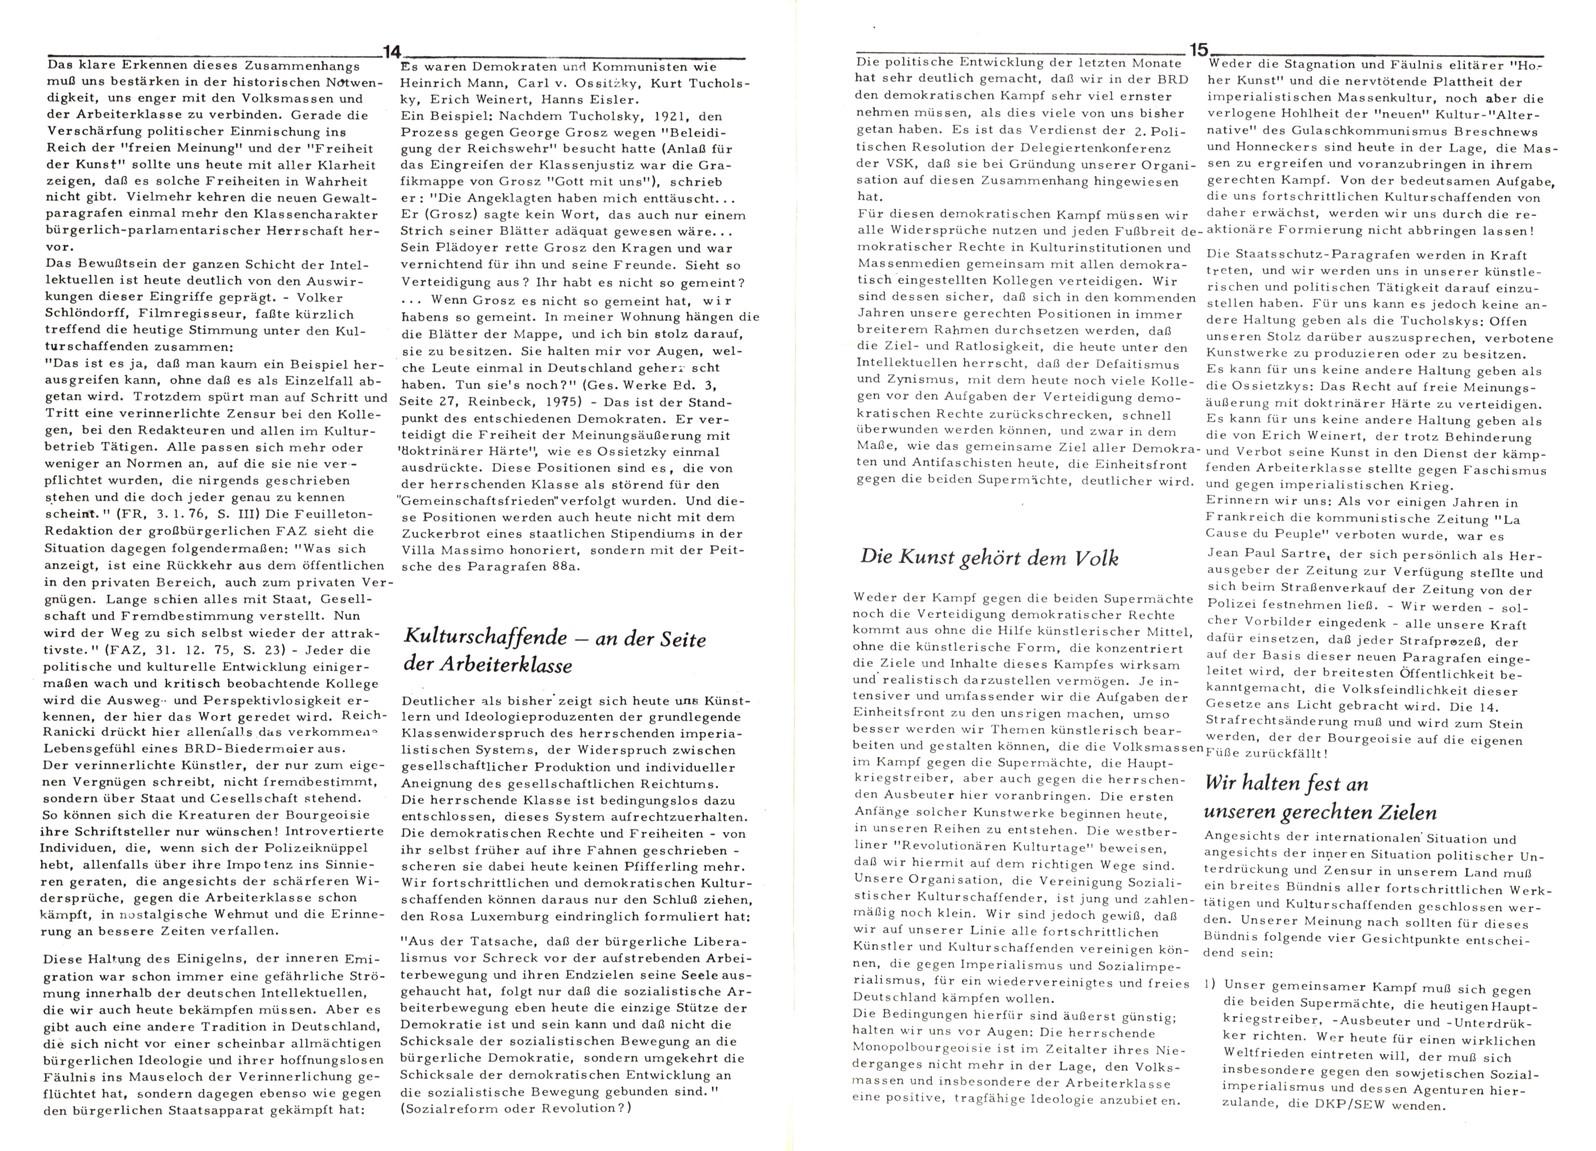 VSK_Kaempfende_Kunst_19760200_Sonderdruck_08